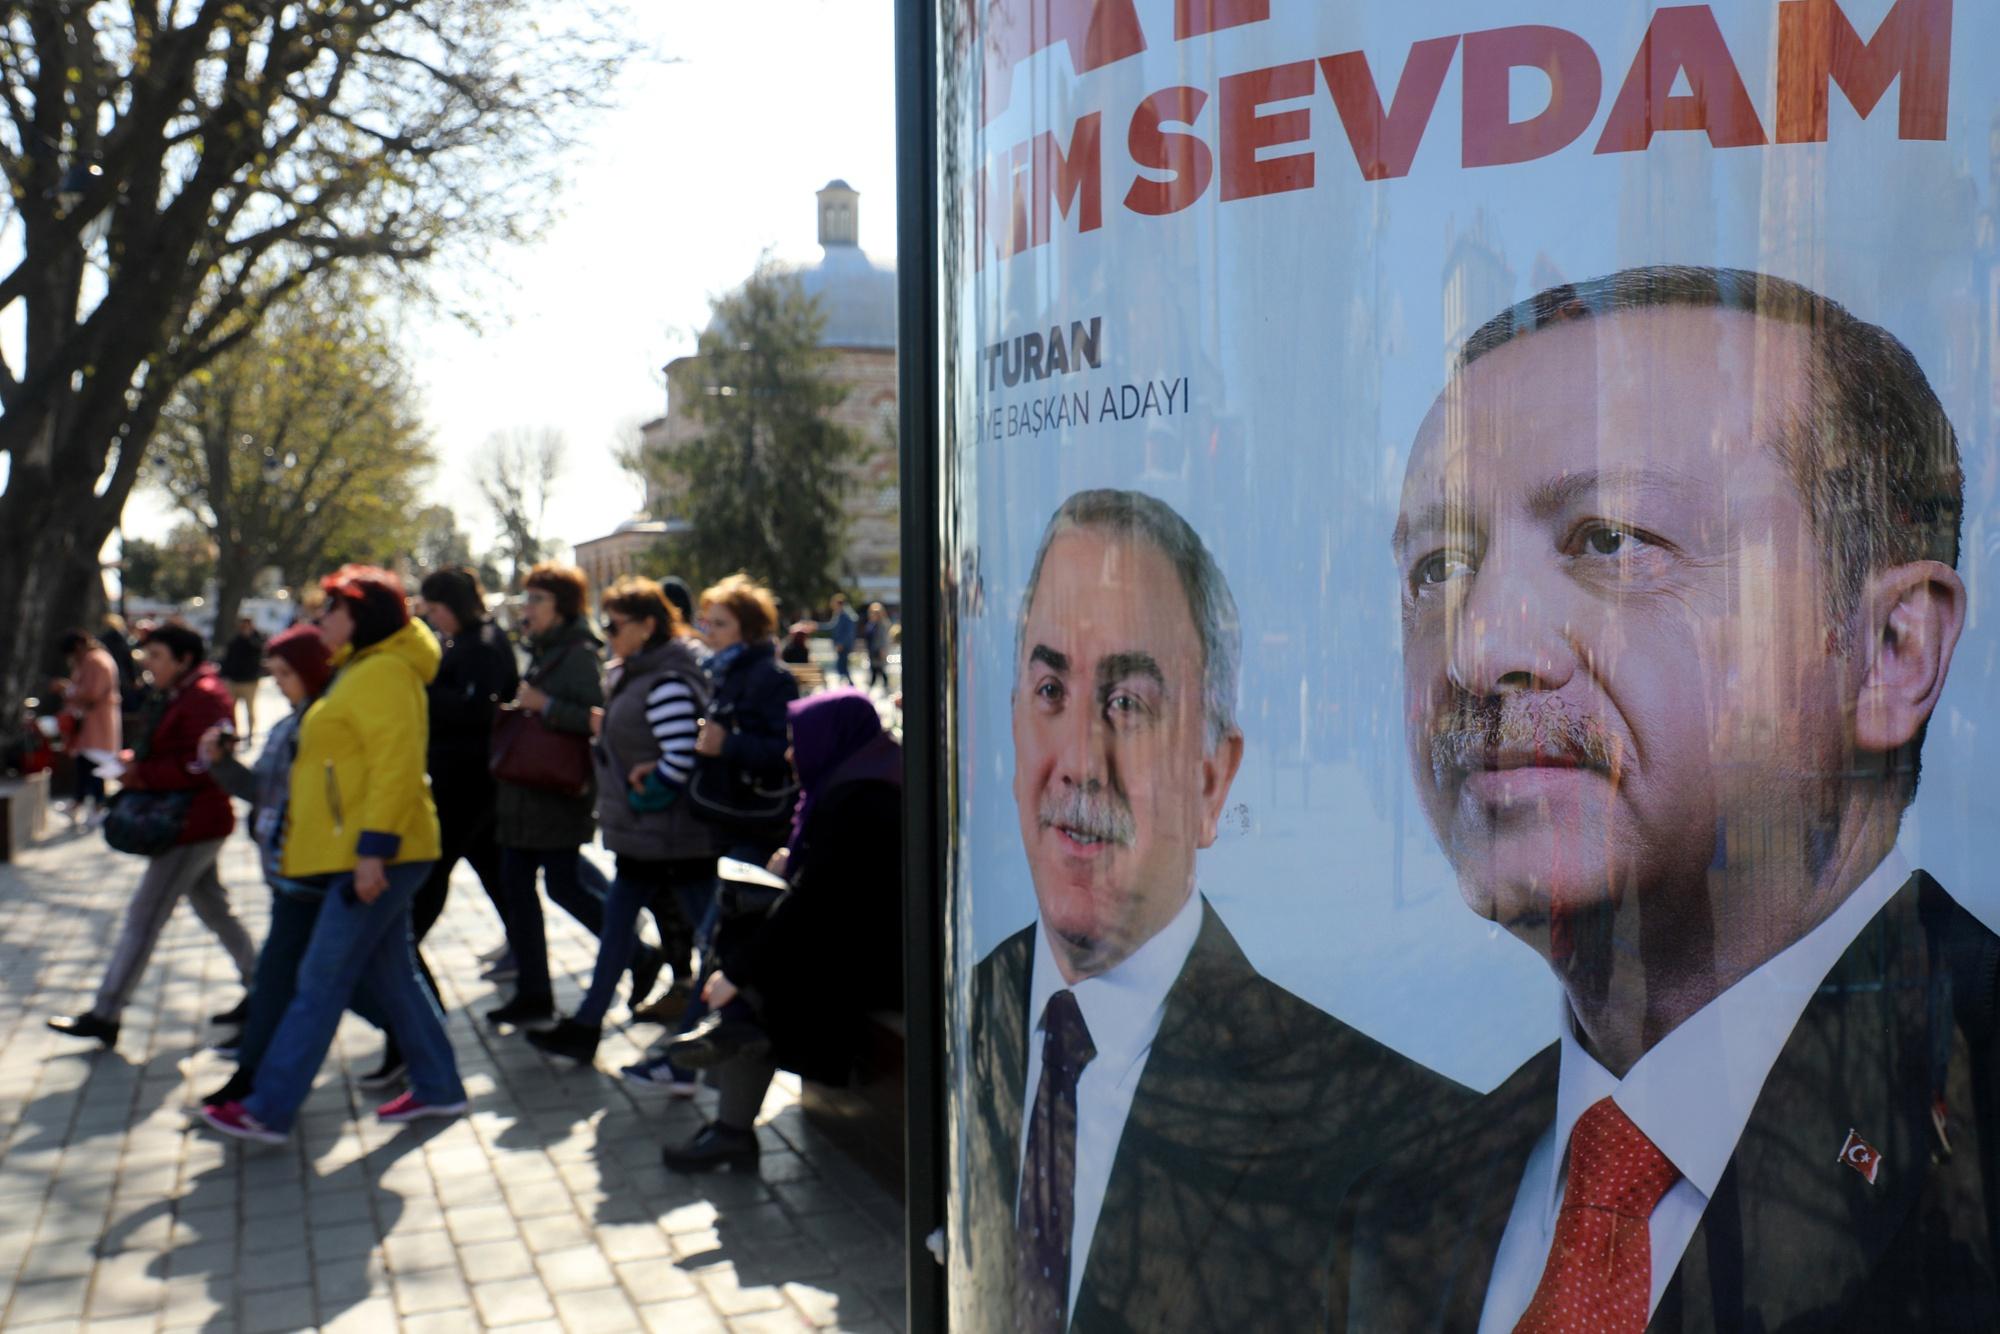 bloomberg.com - Asli Kandemir - Turkey Detains Economist for Insulting President on Social Media